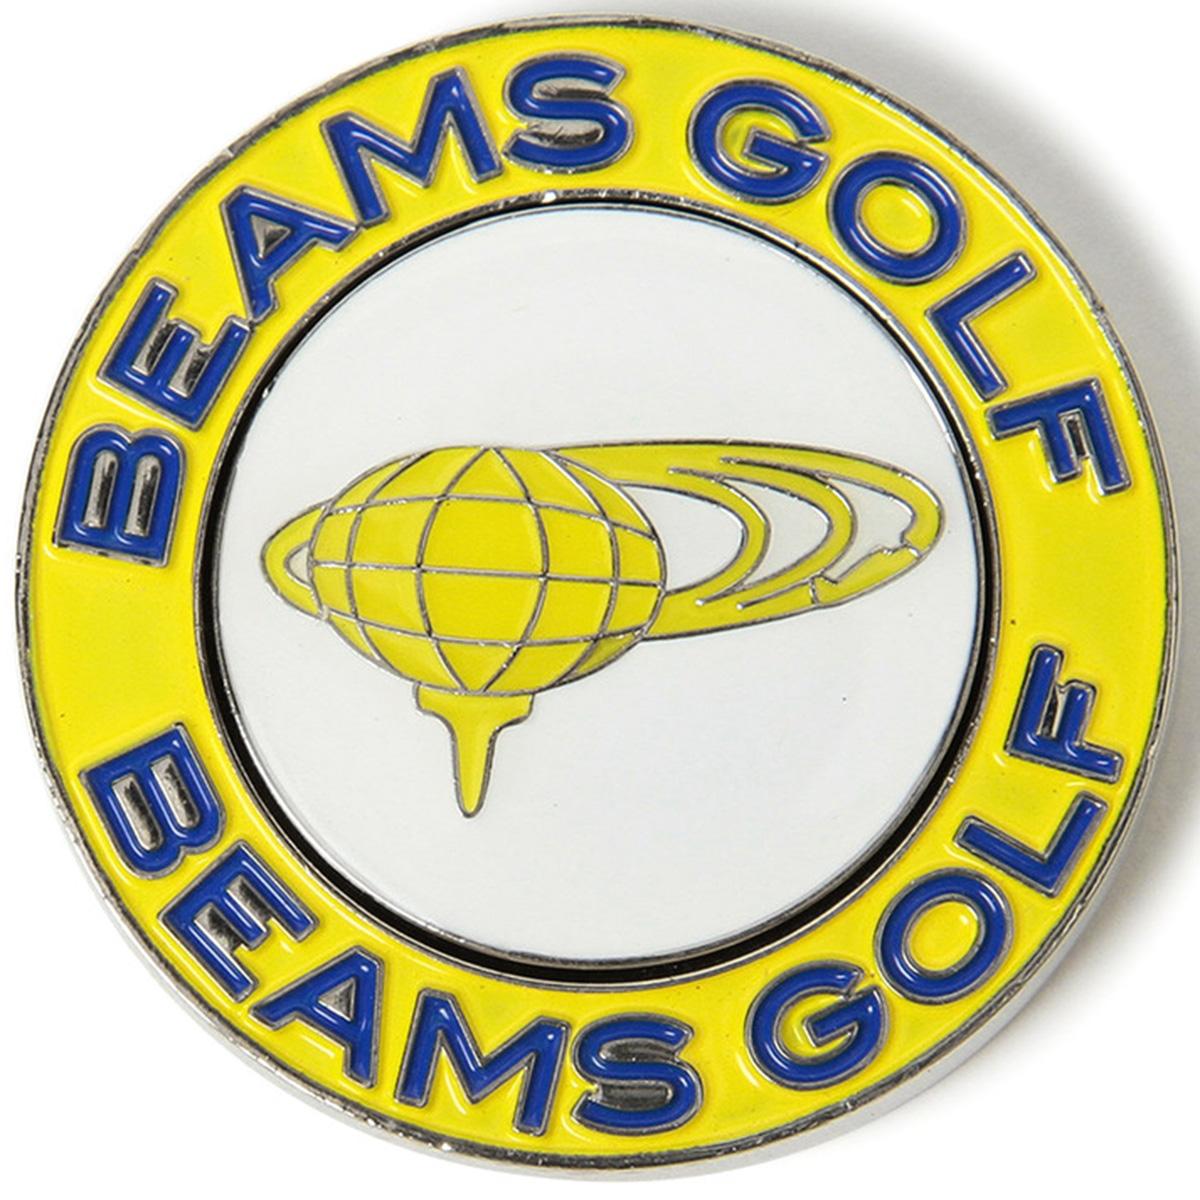 BEAMS GOLF 2WAY マーカー2